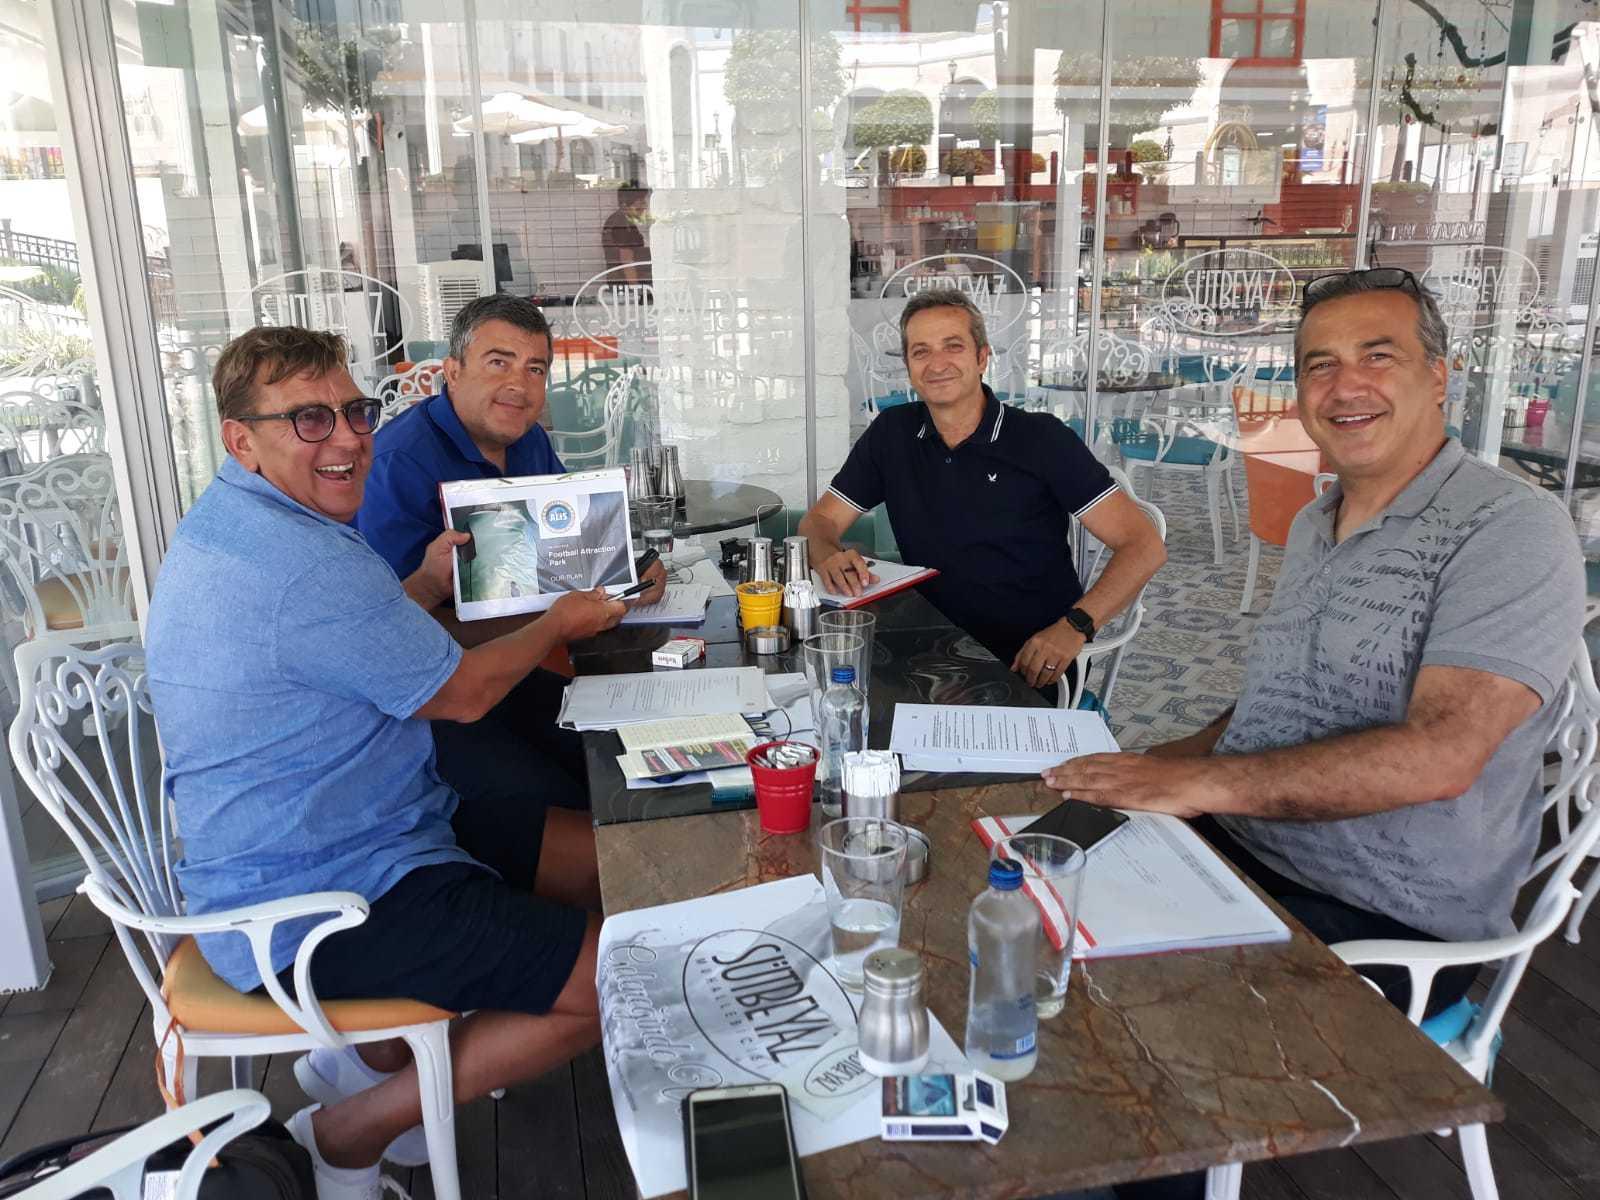 Het team dat het attractiepark gaat realiseren, linksonder Marcel Boonstra